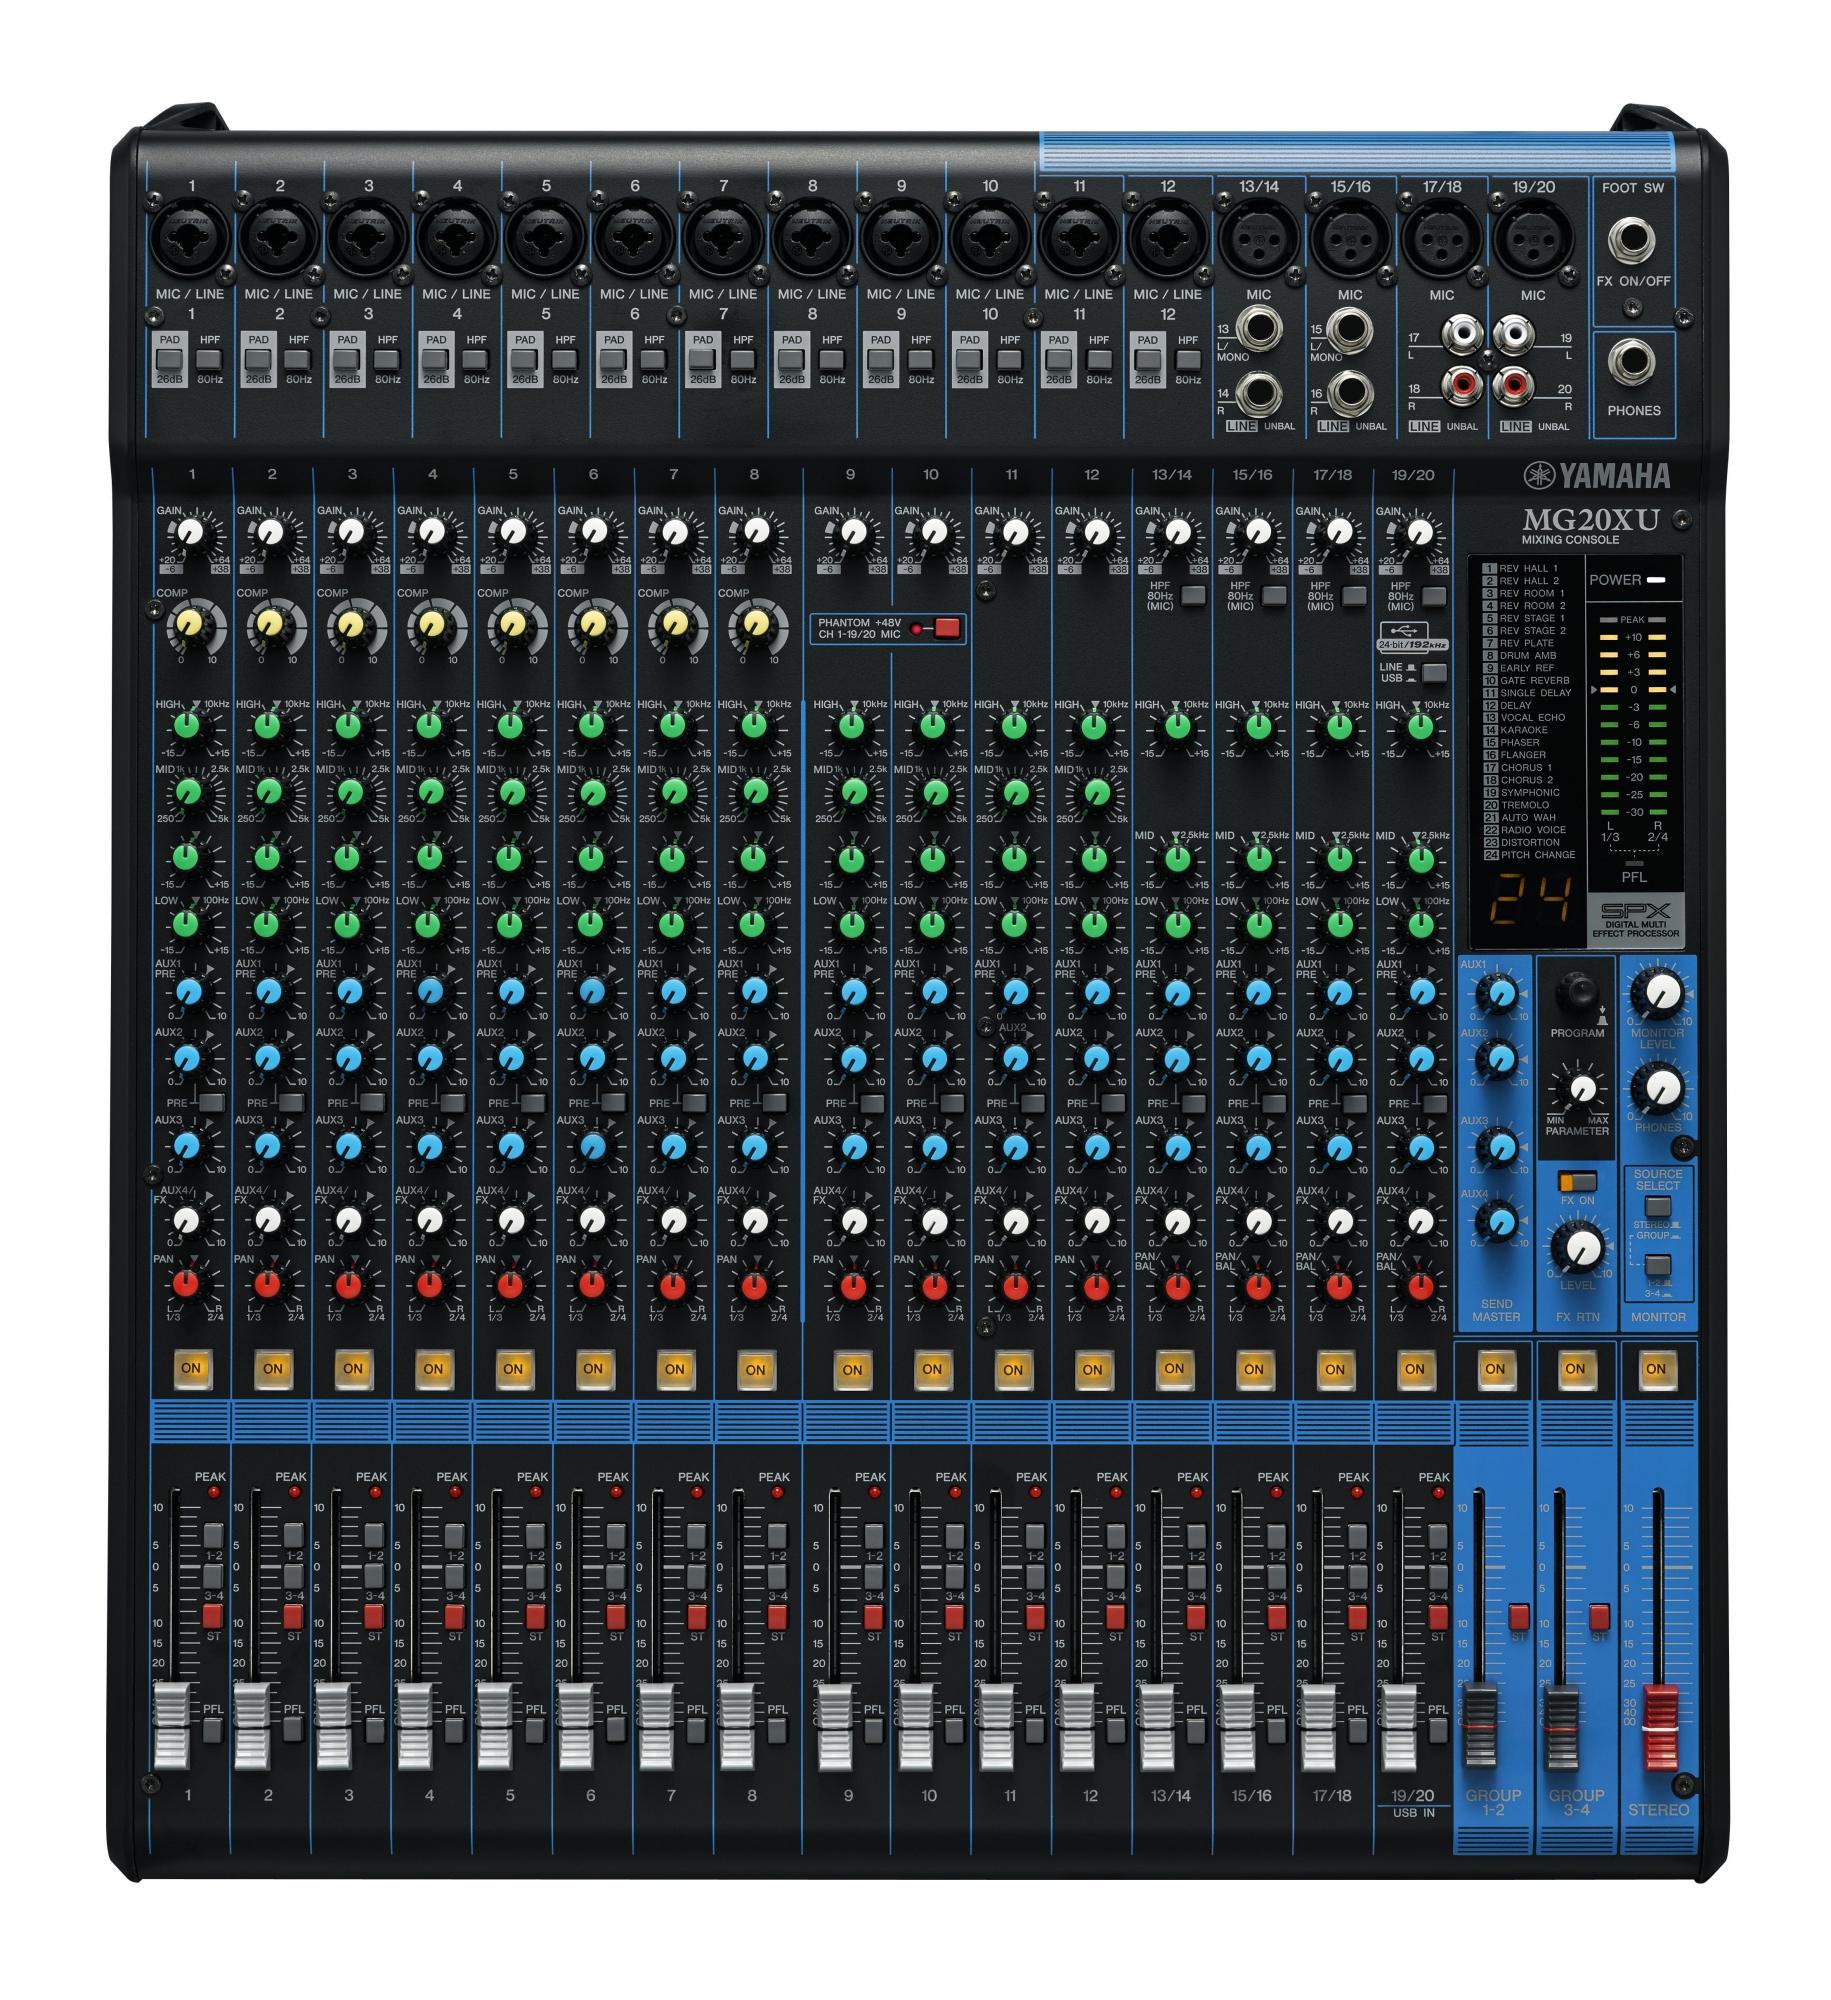 Yamaha MG20XU Live Mixer